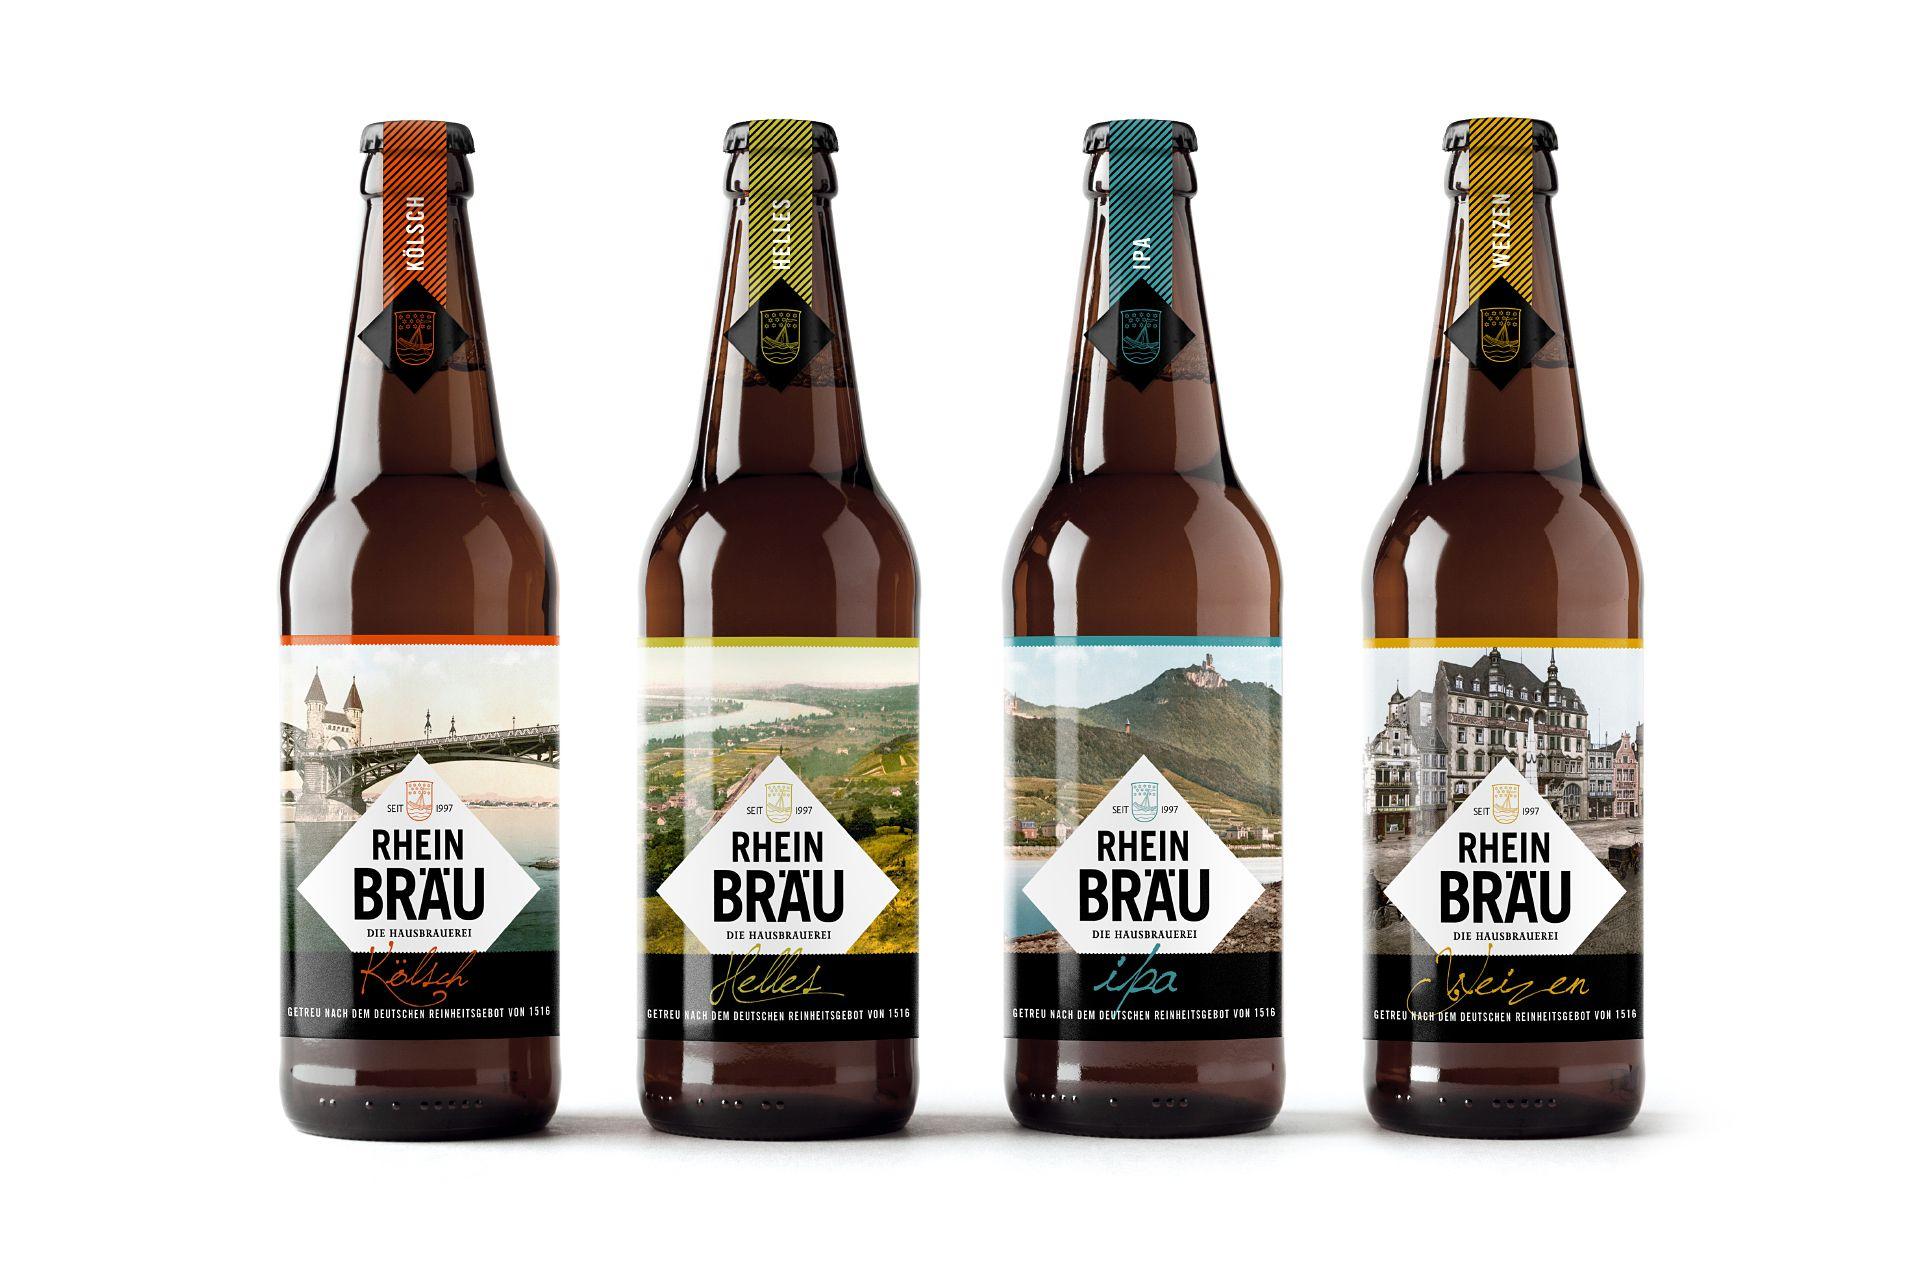 Beer Bottle Mock-Up - Three Bottles